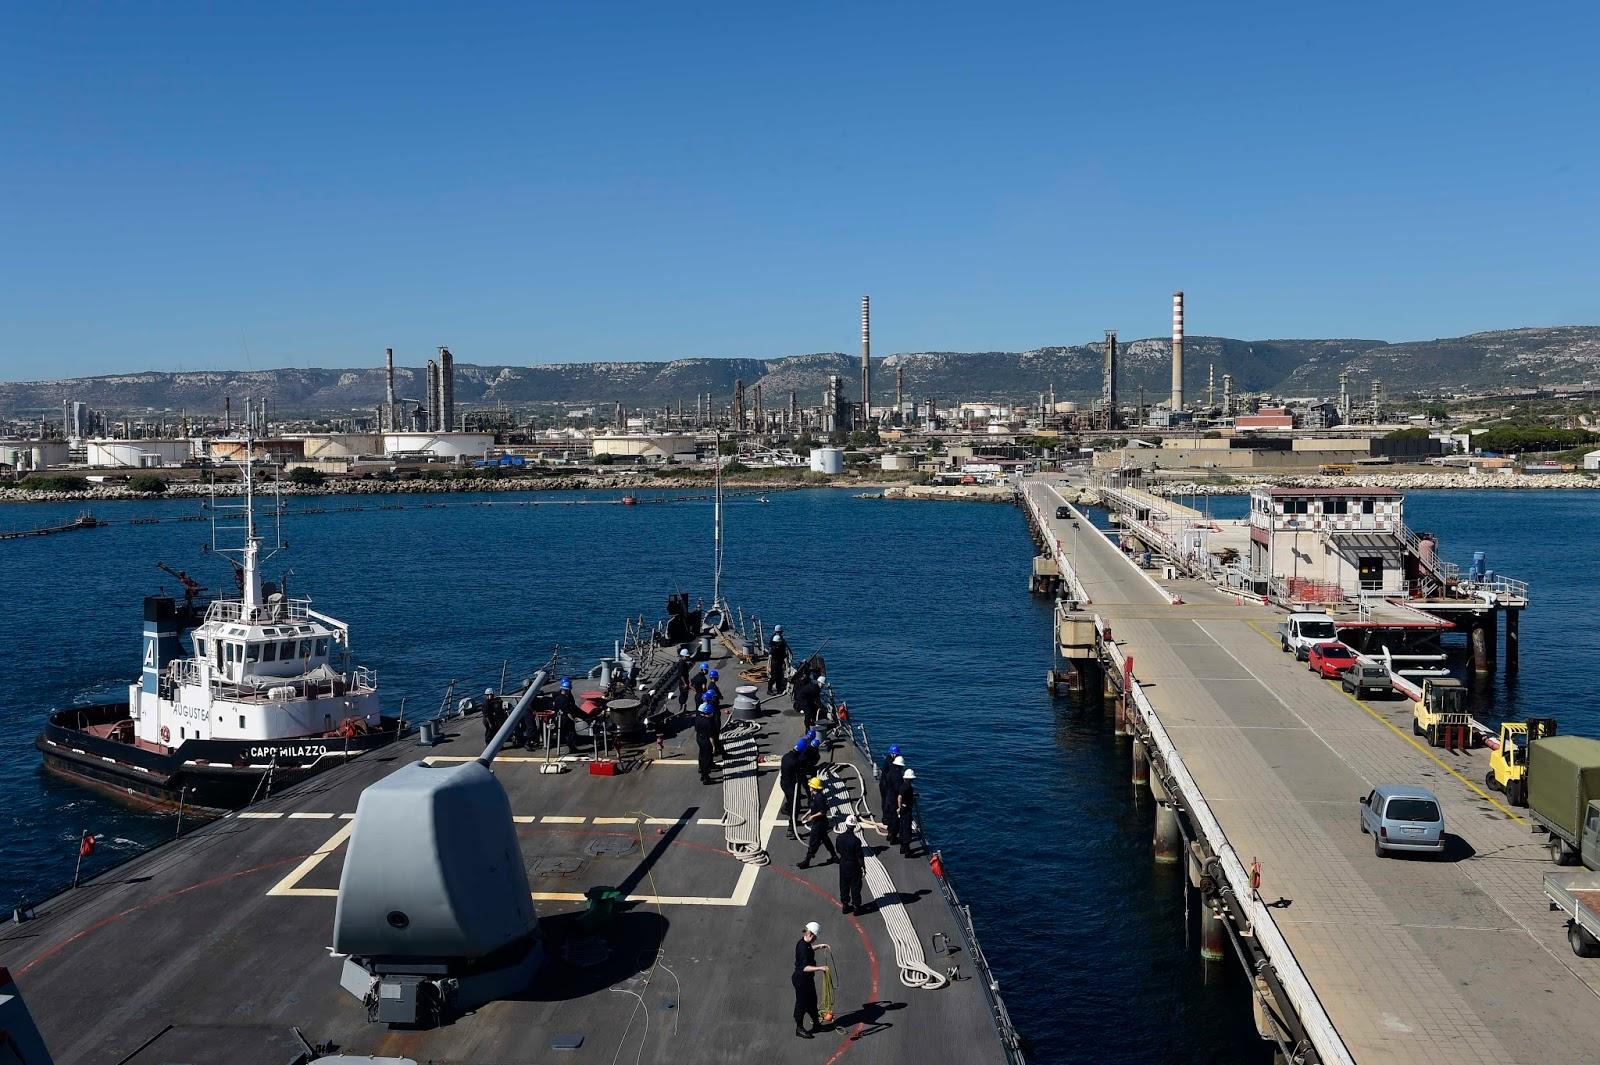 Sostanze oleose in mare al pontile Nato di Augusta: analisi in corso